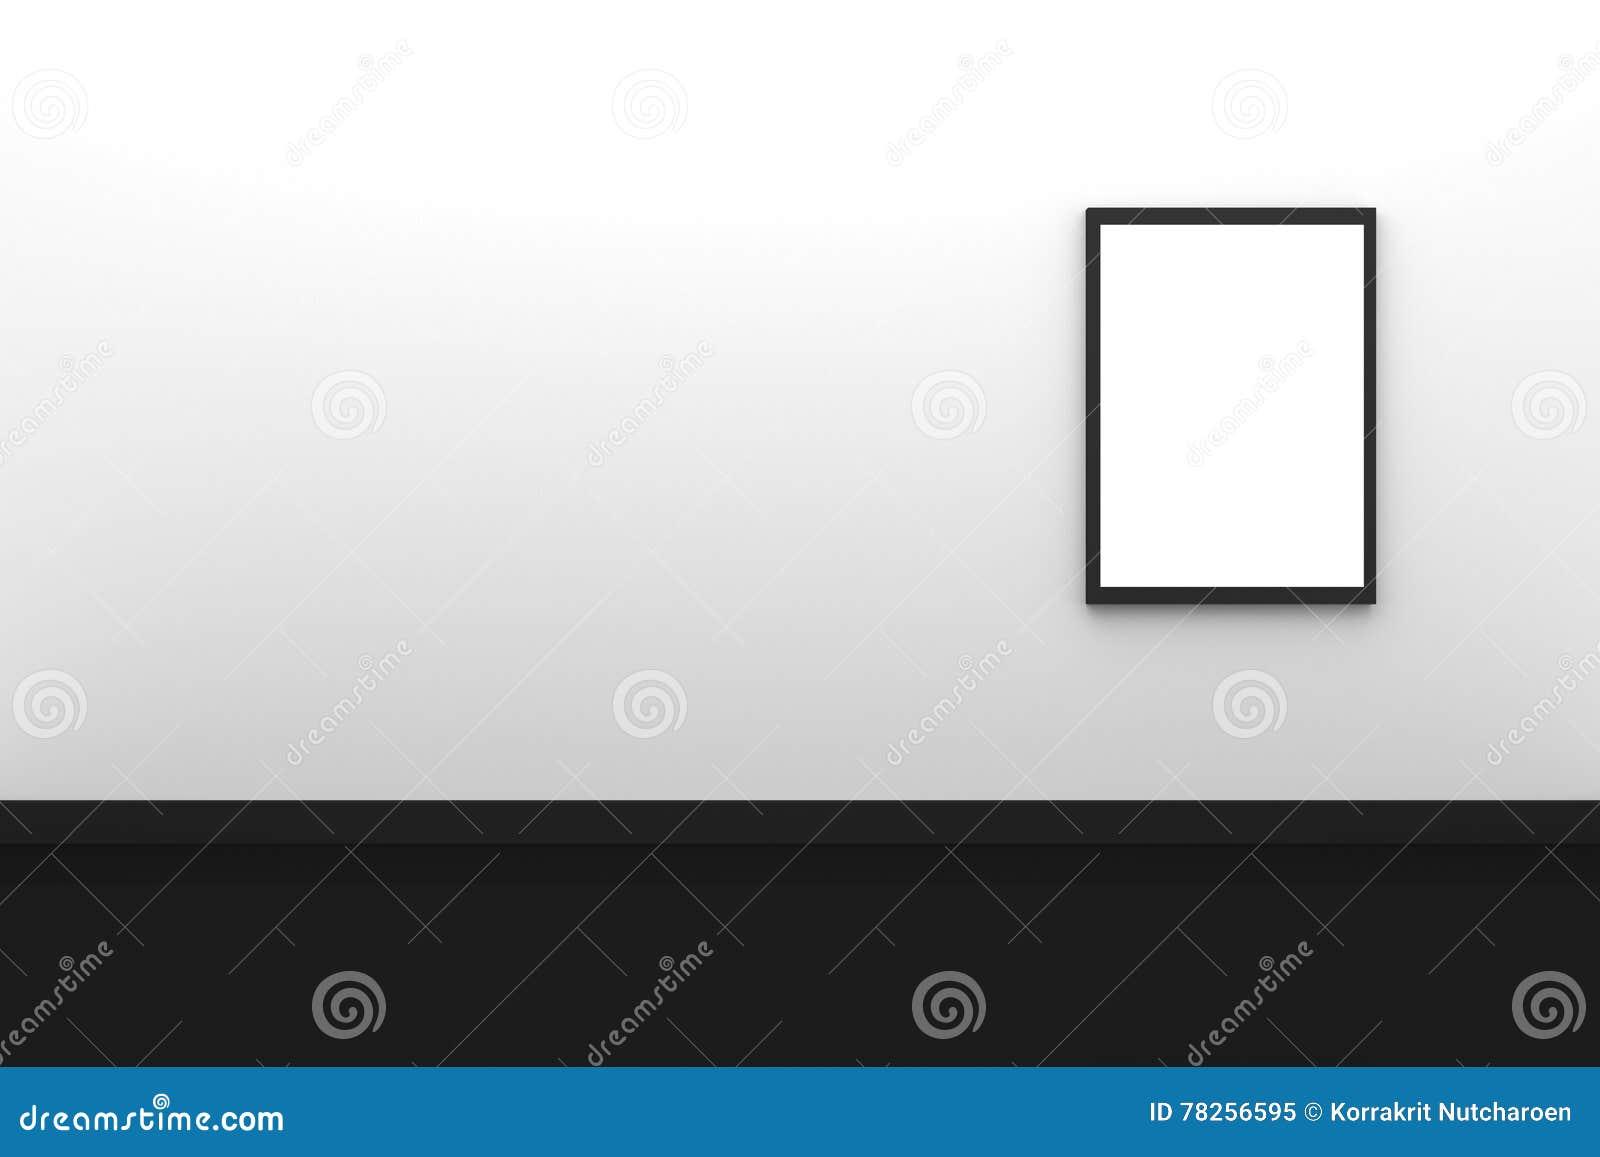 τρισδιάστατη απόδοση: απεικόνιση της κενής μαύρης ένωσης πλαισίων φωτογραφιών τρία στο άσπρο εσωτερικό τοίχων με το μαύρο πάτωμα,